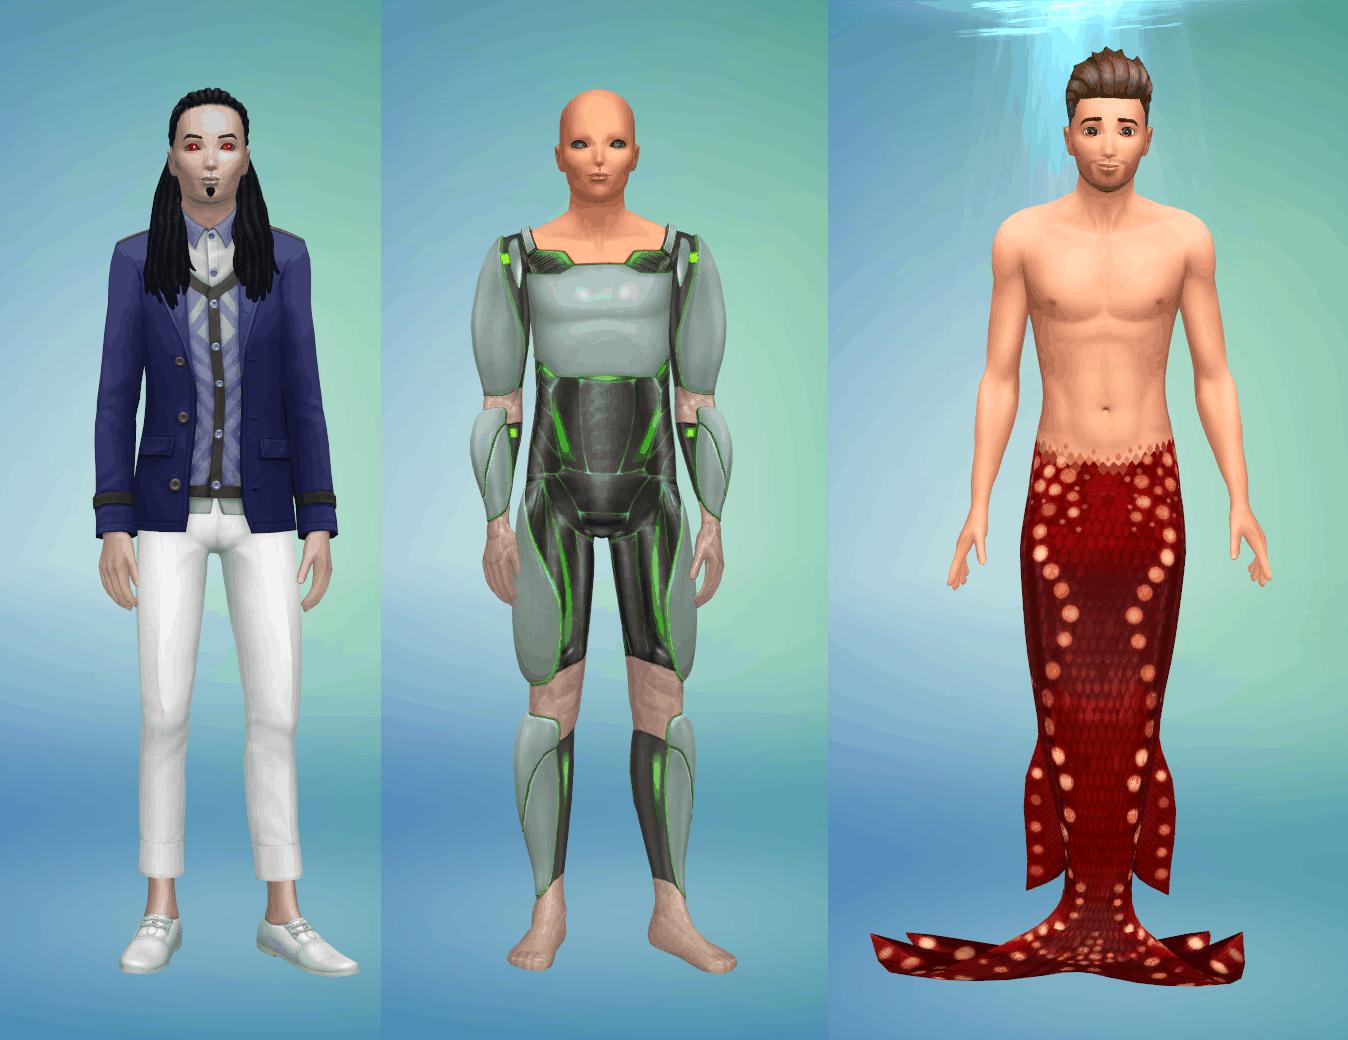 Stealthic Paradox Hair Retexture at Aveira Sims 4 » Sims 4